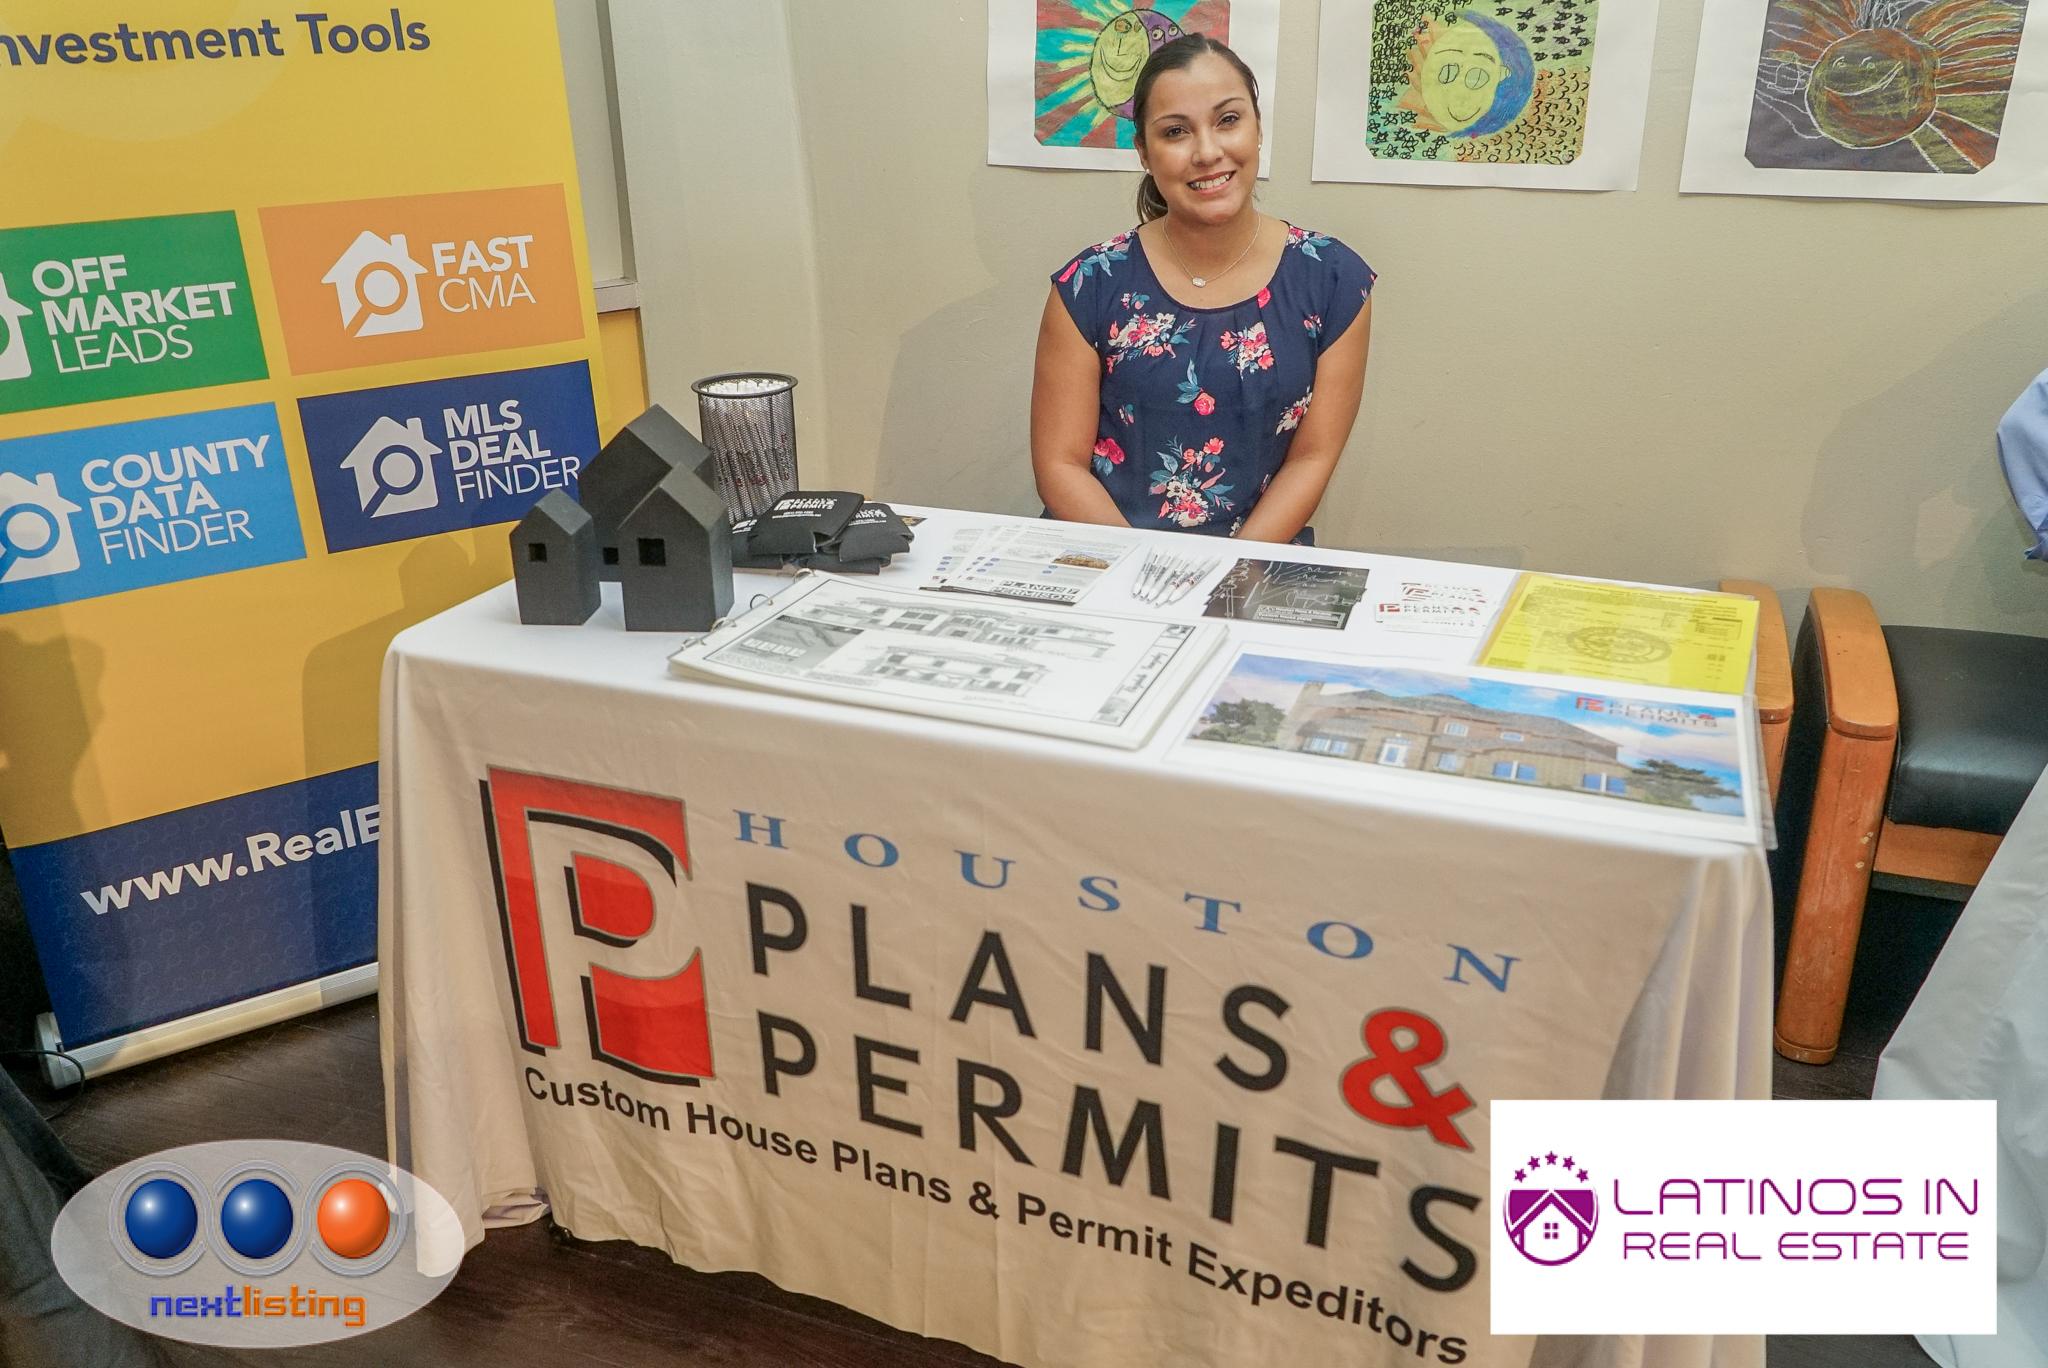 Visita Plans & Permits!º